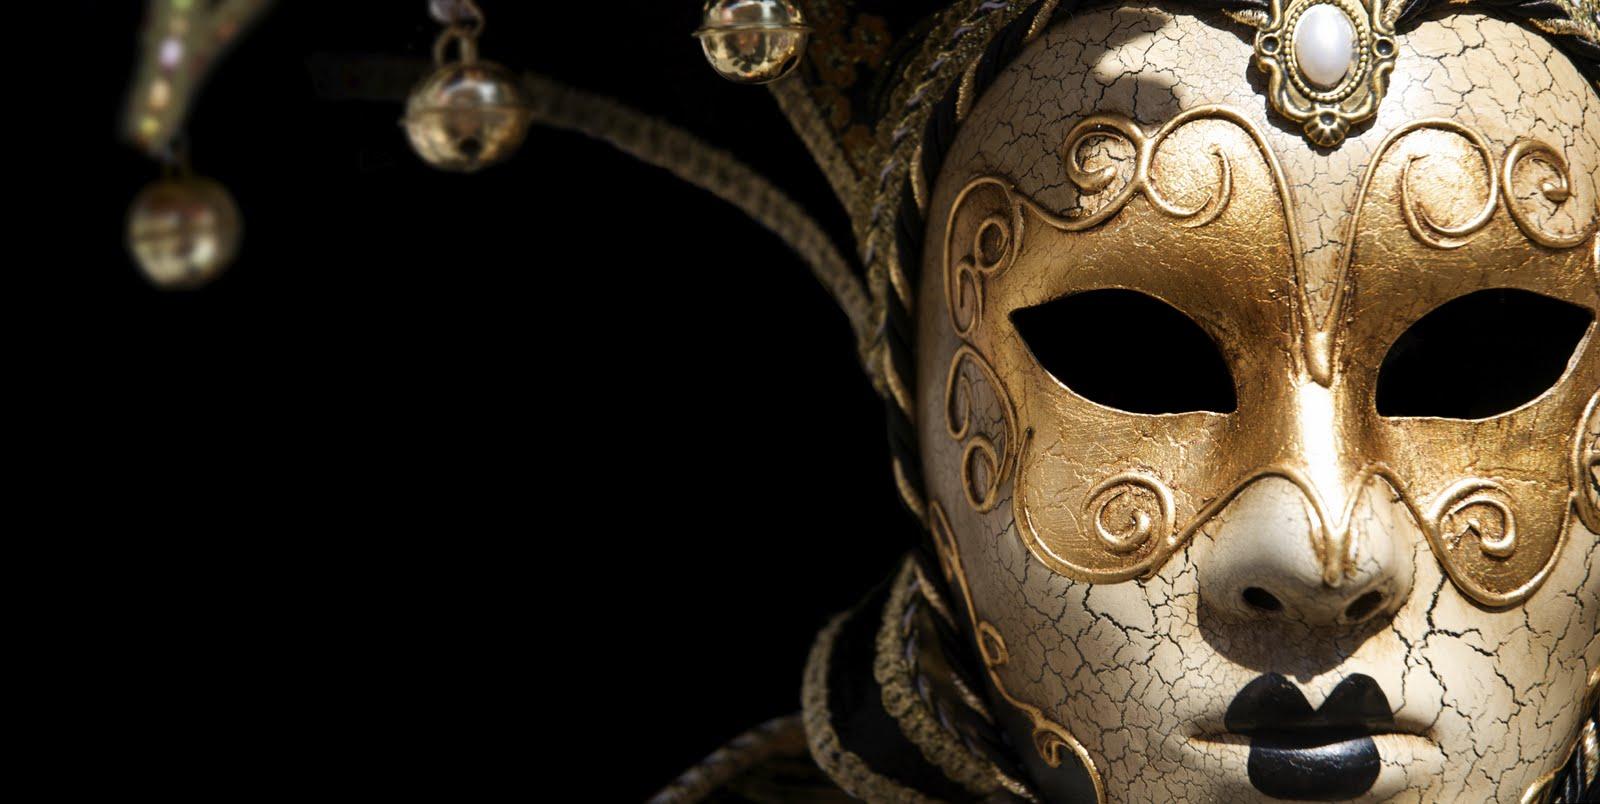 venice-mask